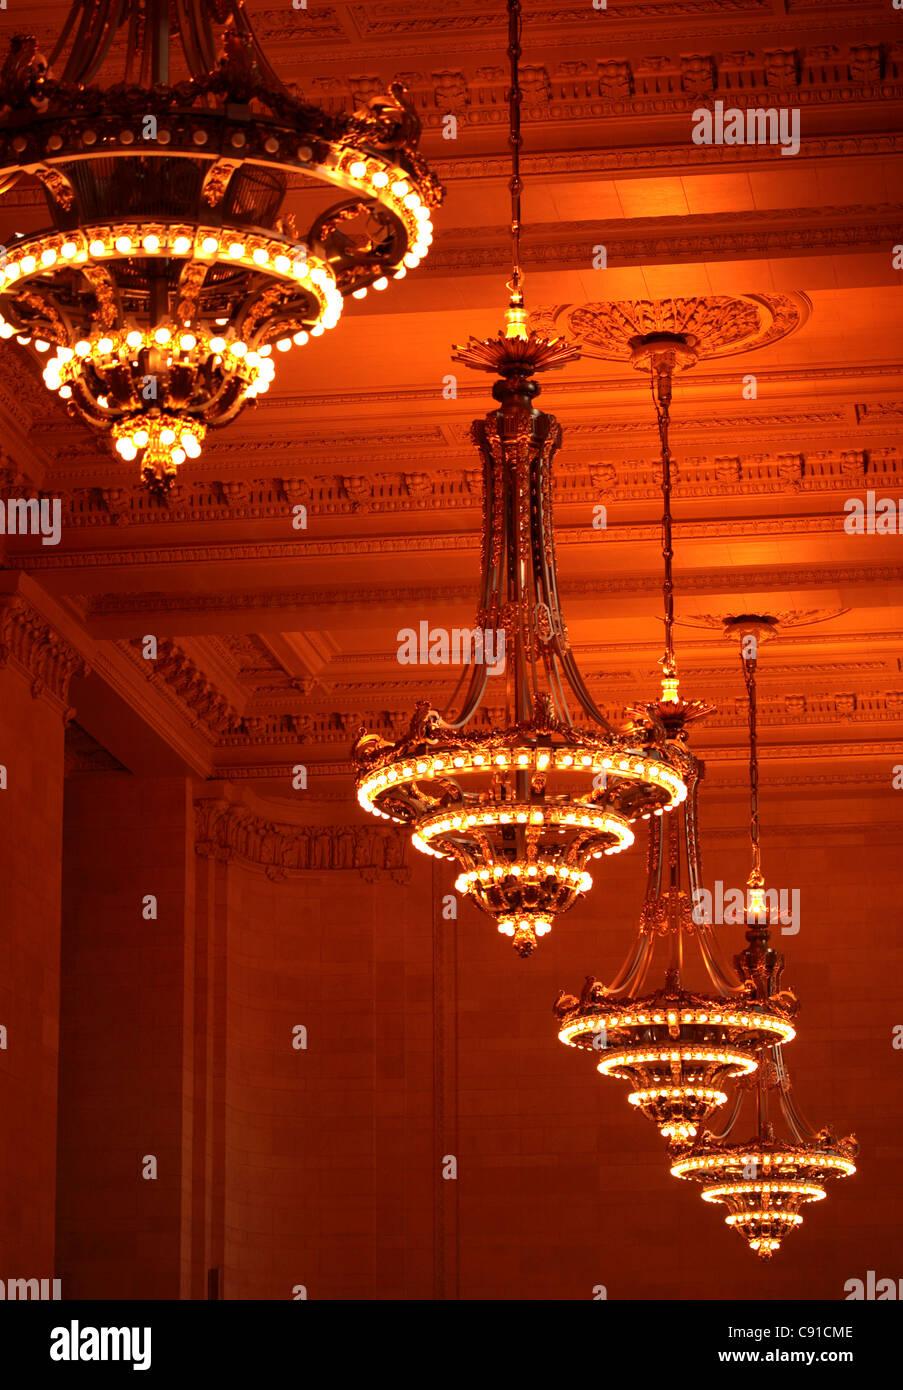 Art-Deco-Stil beeinflusst alle Bereiche des Designs während der 1920er und 1930er Jahre und wurde vor allem Stockbild